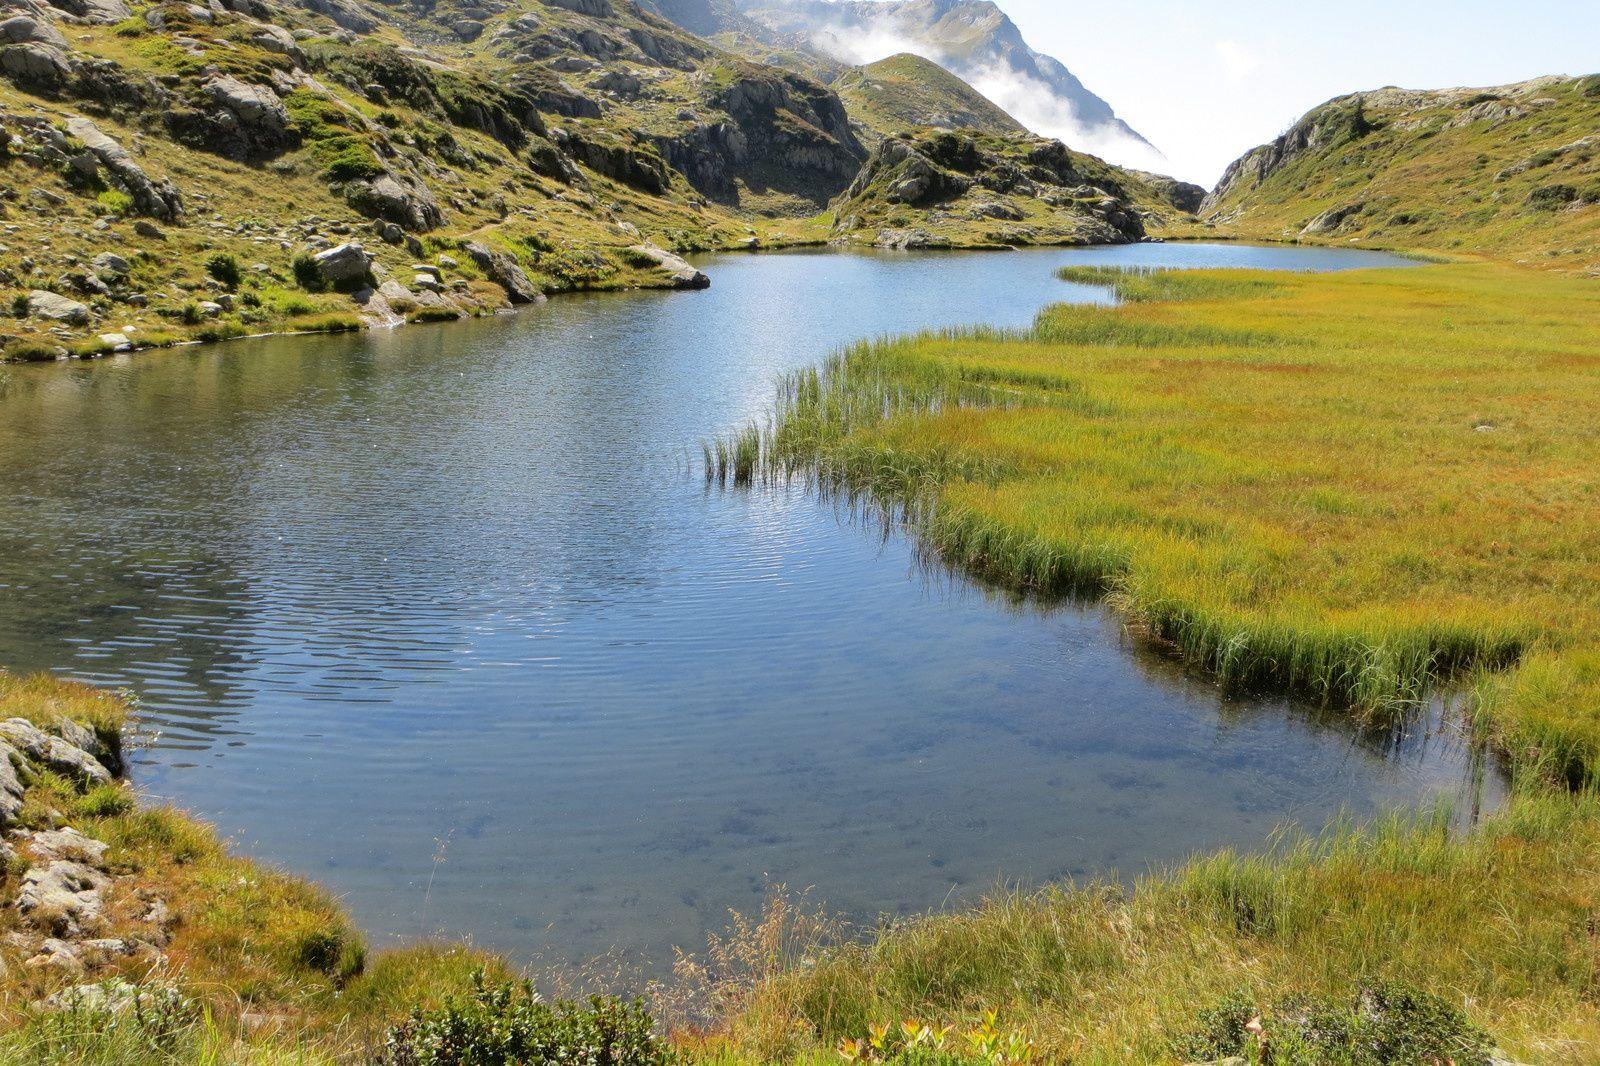 Le premier des deux lacs intermédiaires